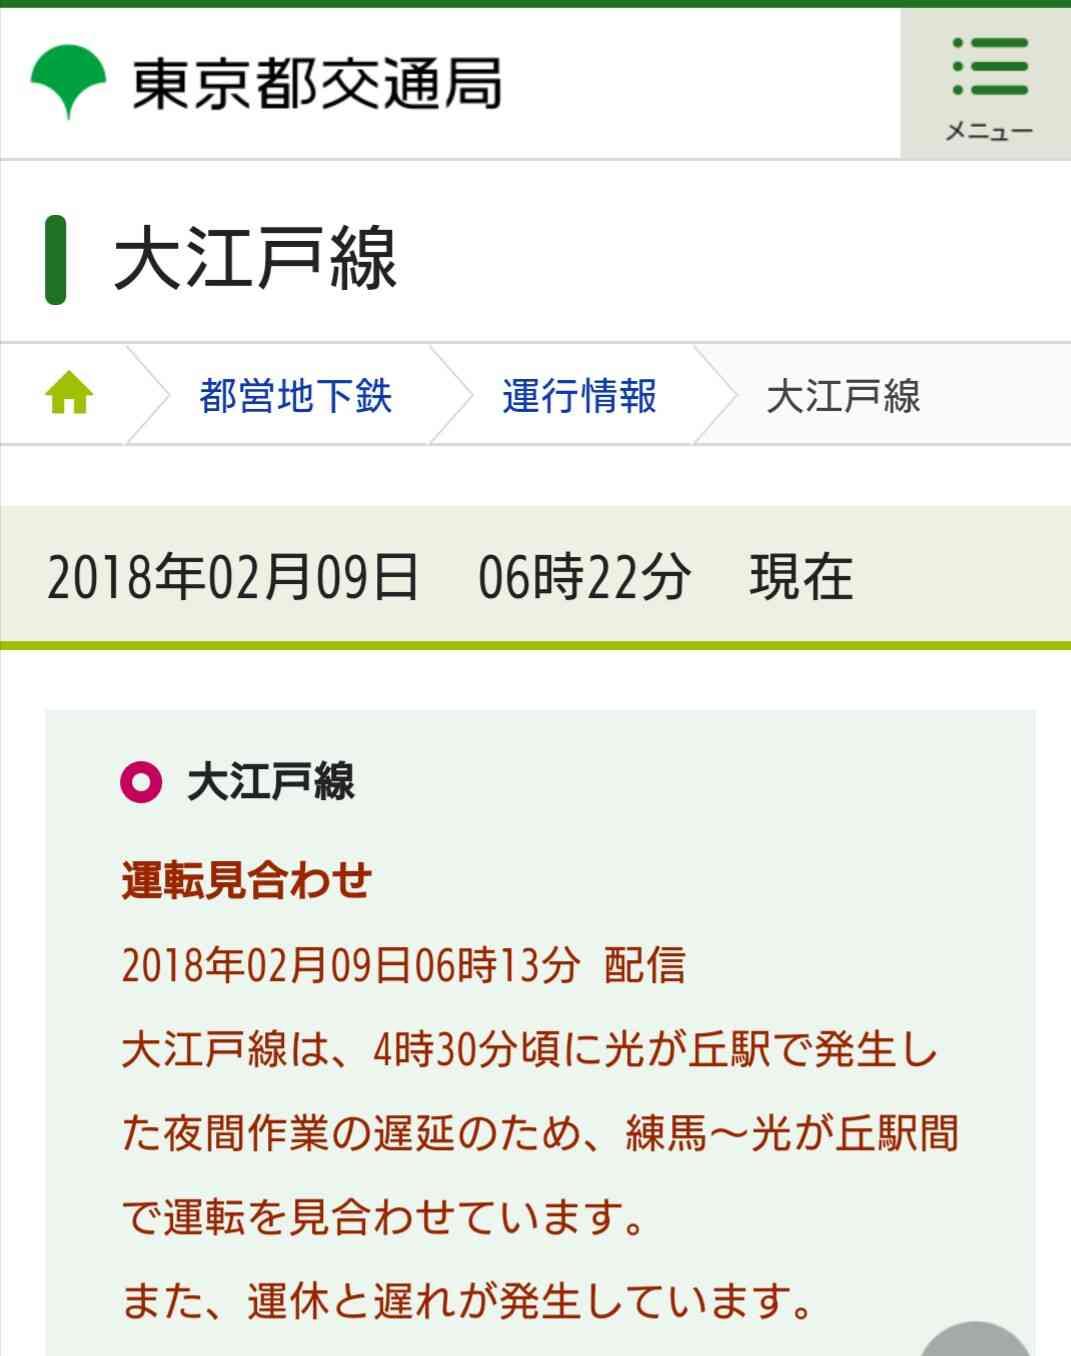 都営大江戸線ユーザー集まるでござる